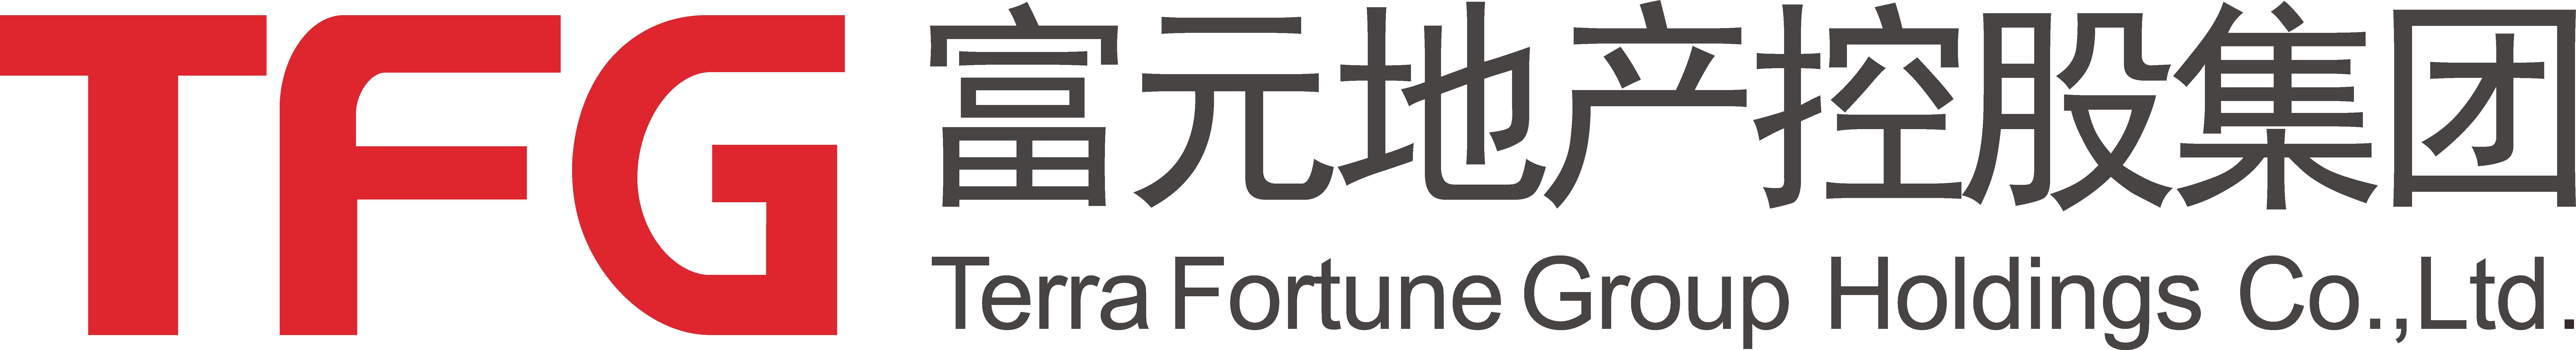 中山富元控股集团有限公司 _才通国际人才网_job001.cn